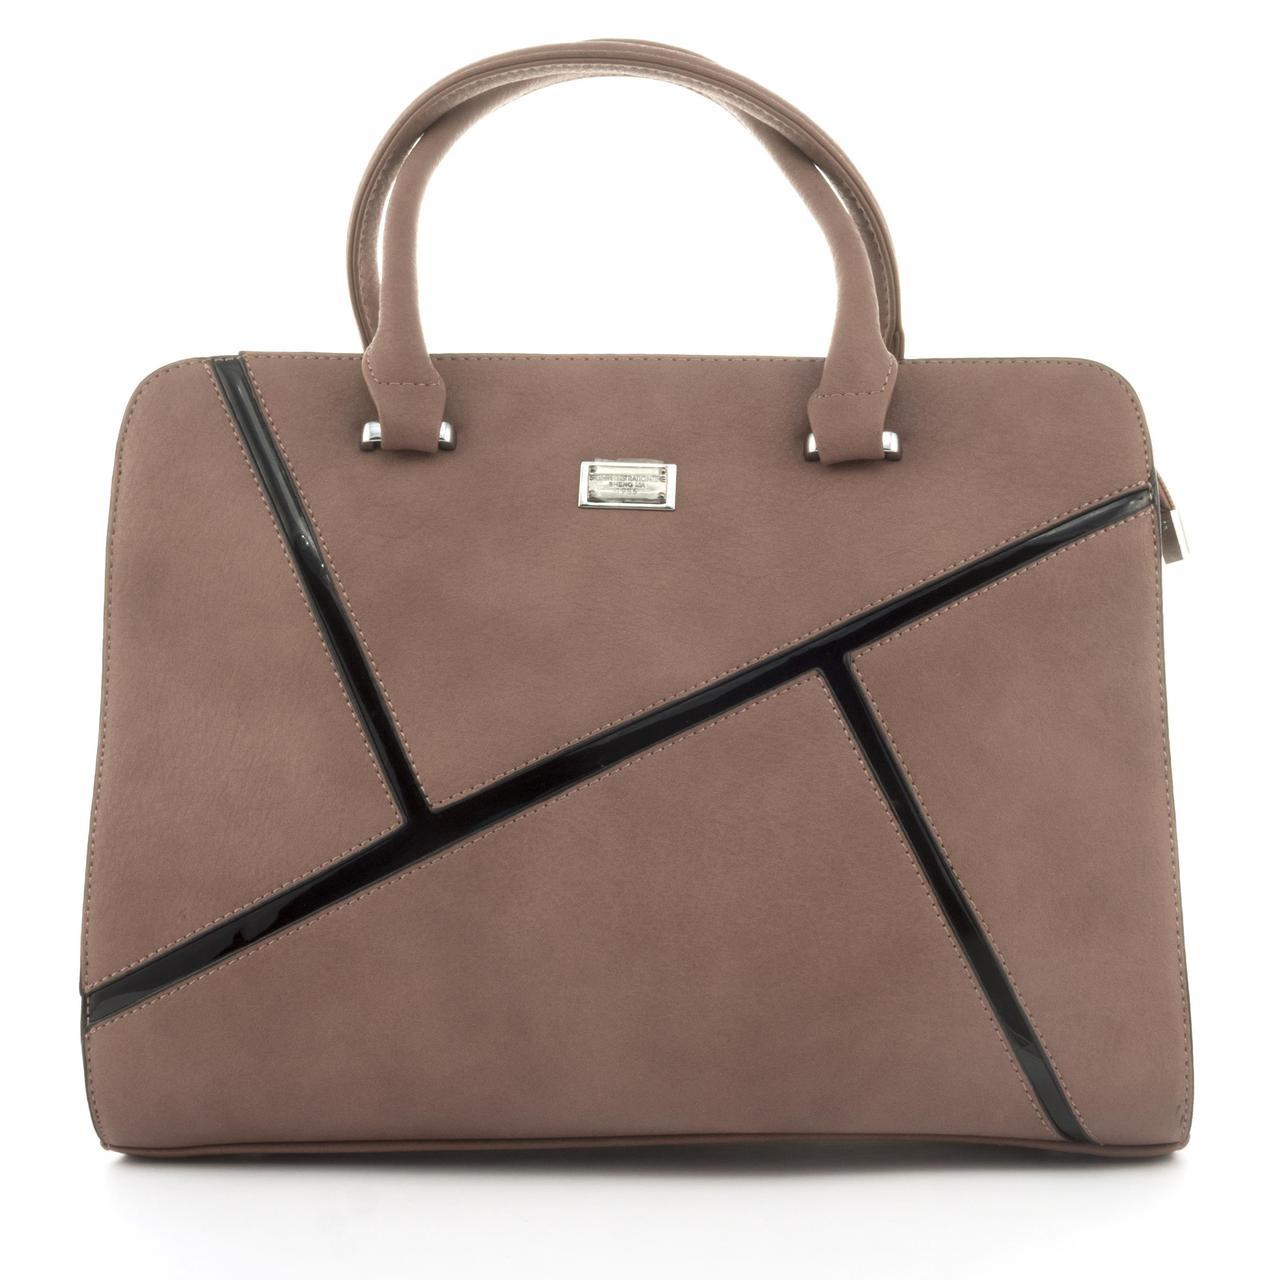 Оригинальная каркасная прочная элегантная женская сумка высокого качества ShengMa art. 881276 сиреневая